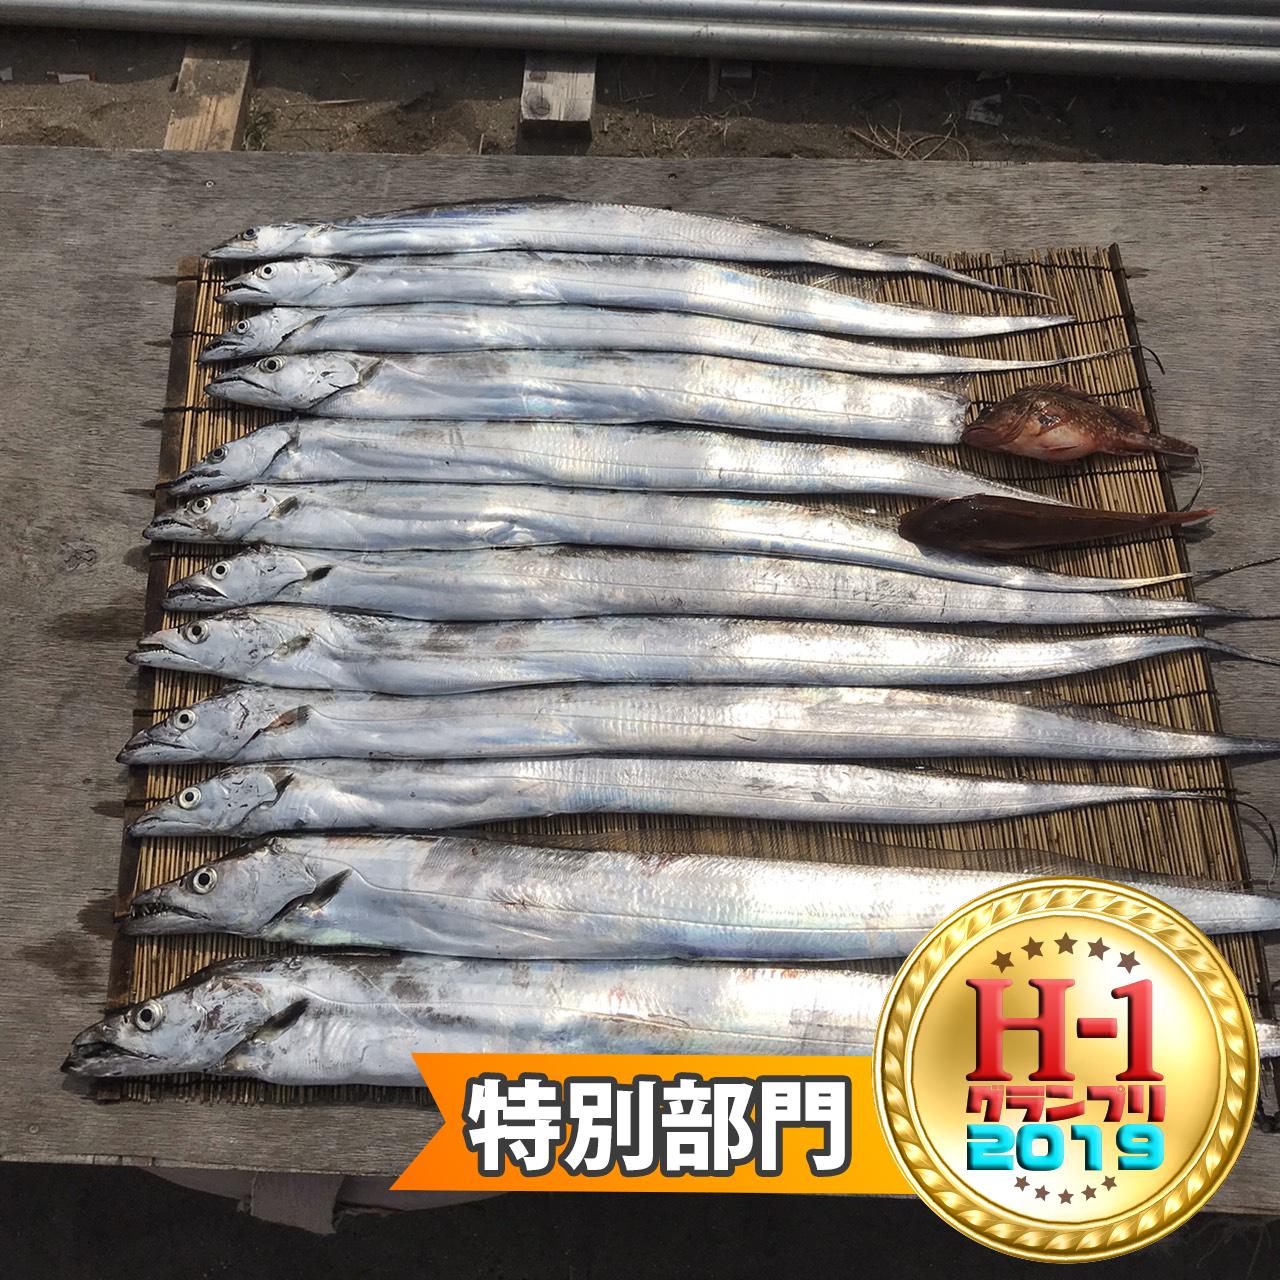 H1グランプリ特別部門賞